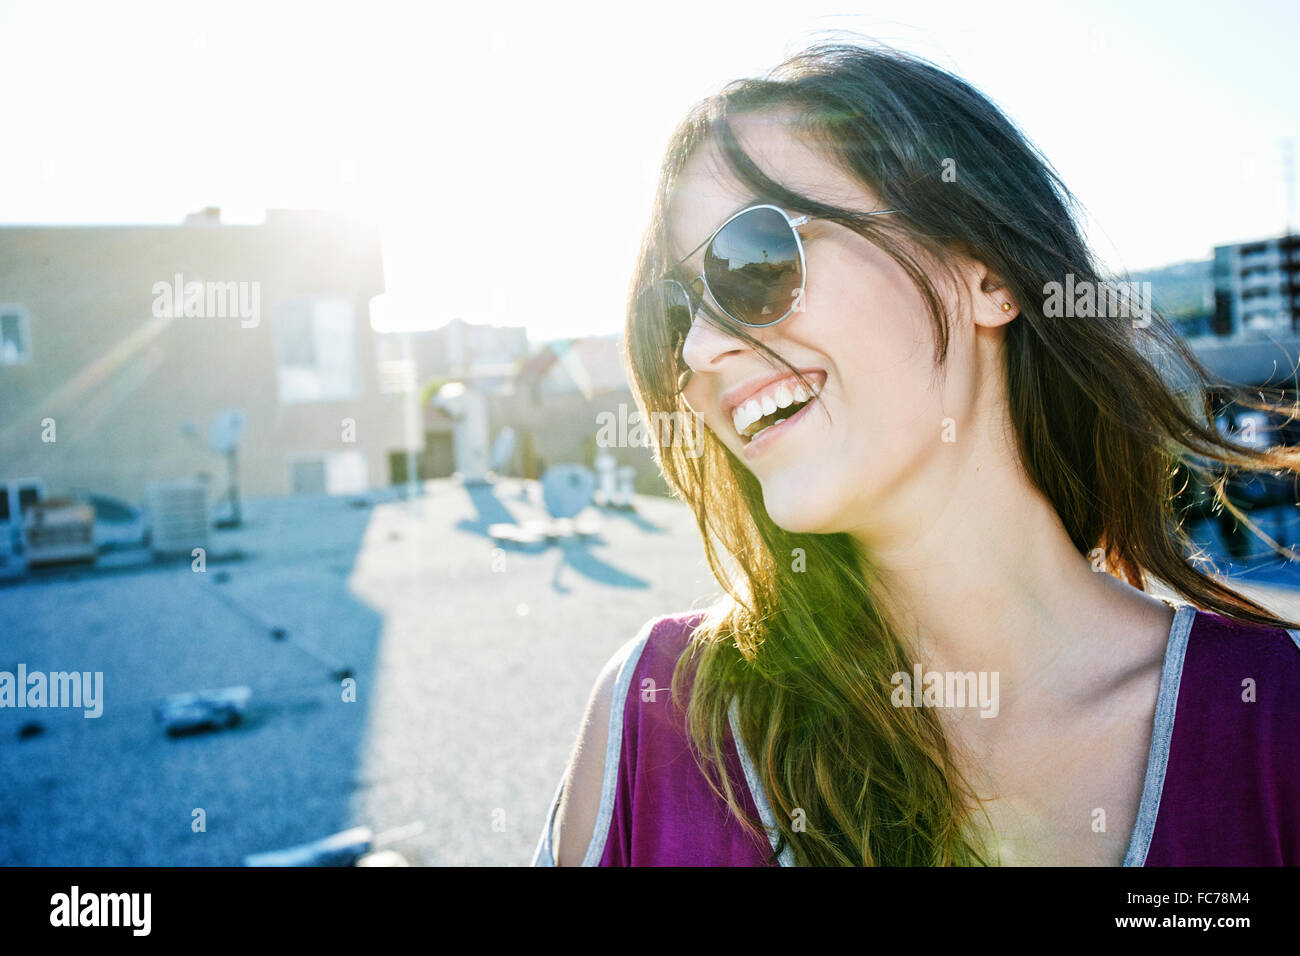 Gemischte Rassen Frau lächelnd auf städtischen Dach Stockfoto